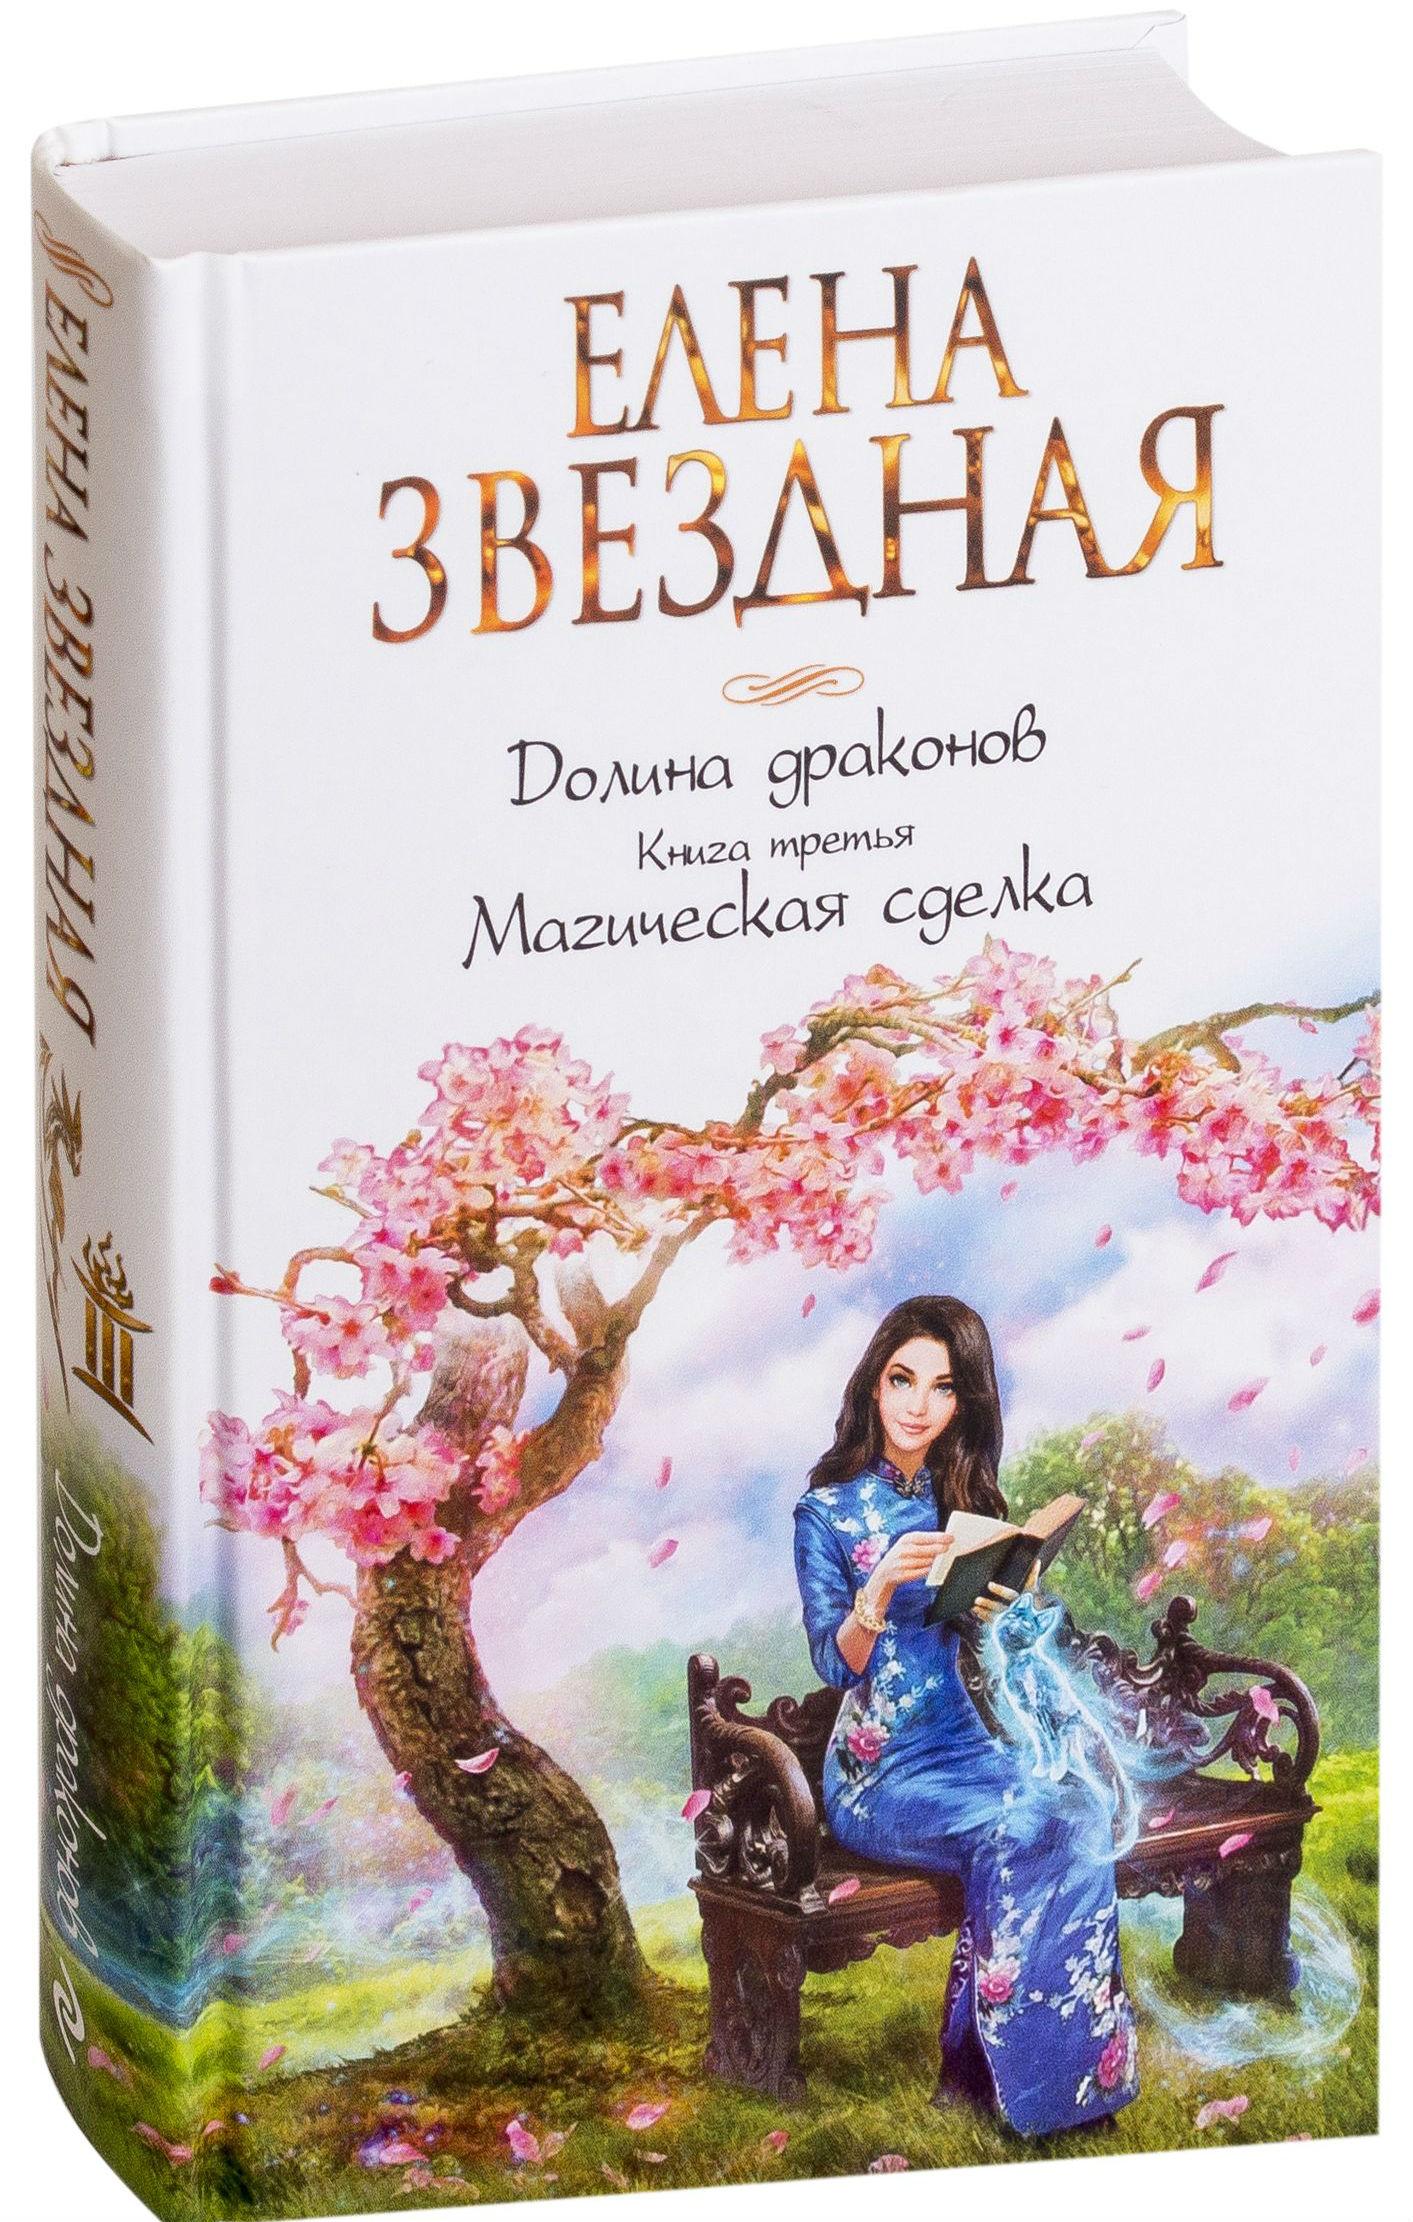 Купить Долина драконов. Книга третья. Магическая сделка, Елена Звездная, 978-5-04-097684-3